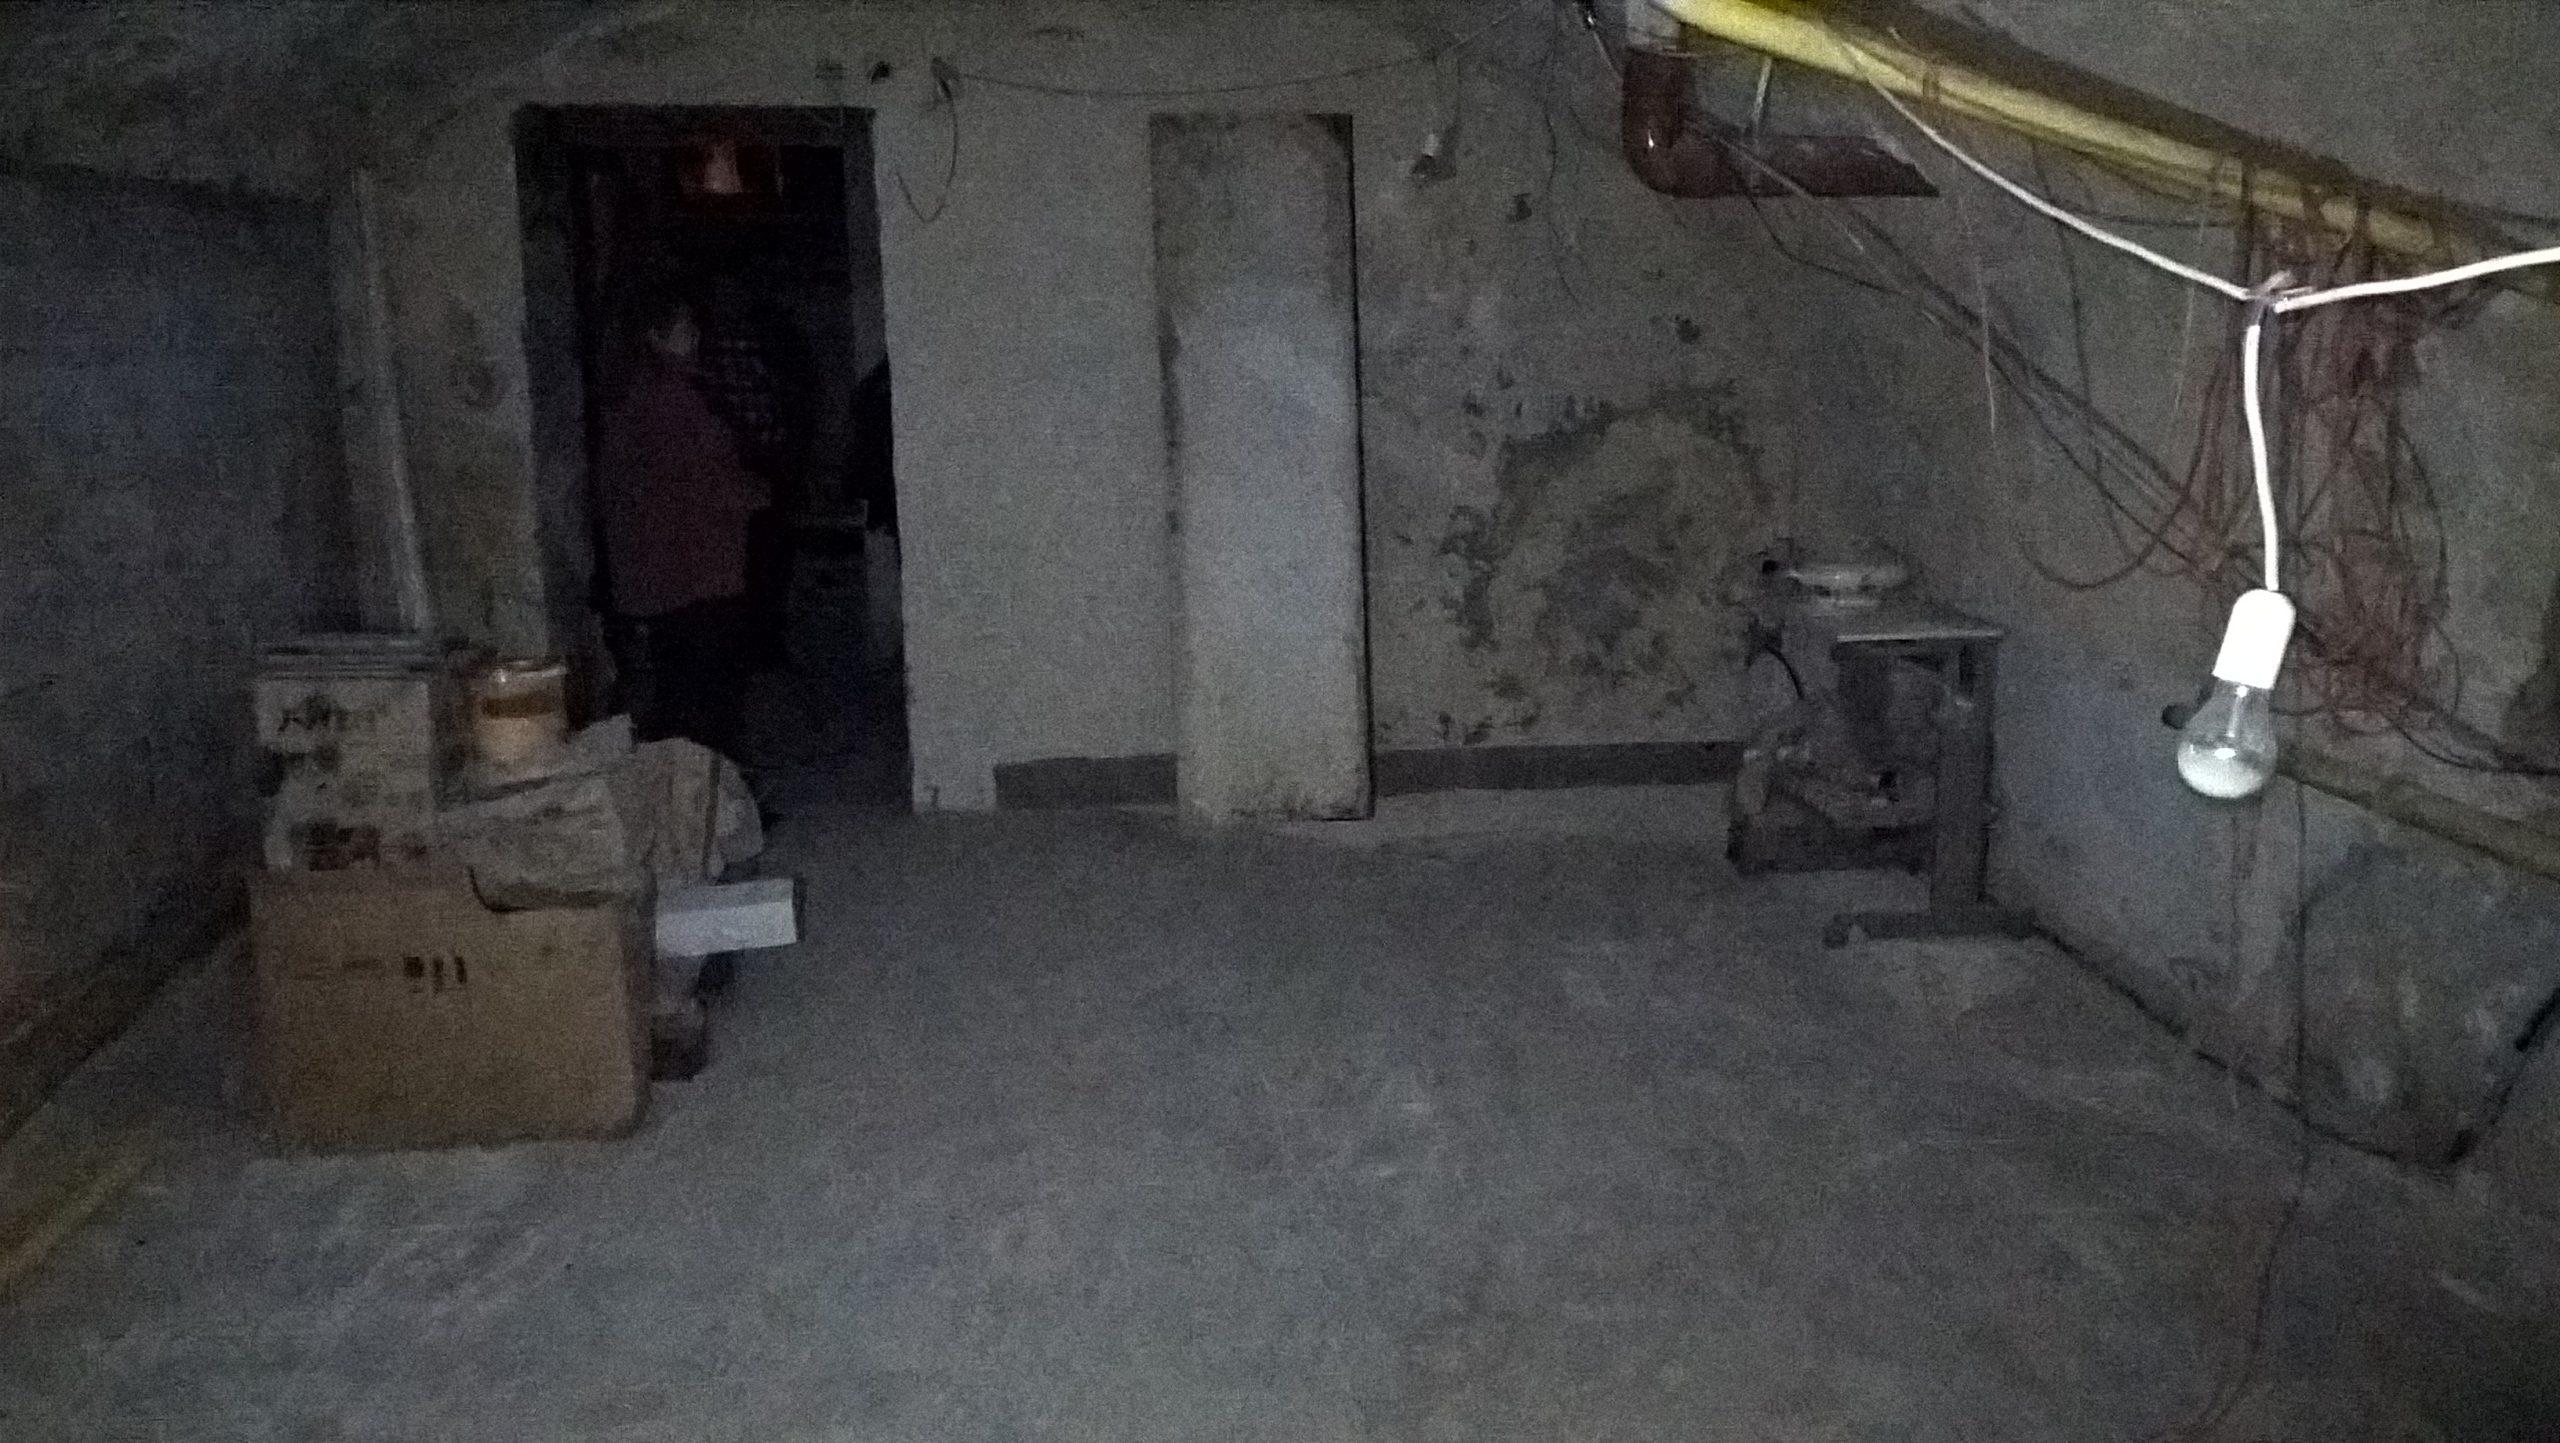 Pille áll a lépcsőlejárónál az első terem ajtajában